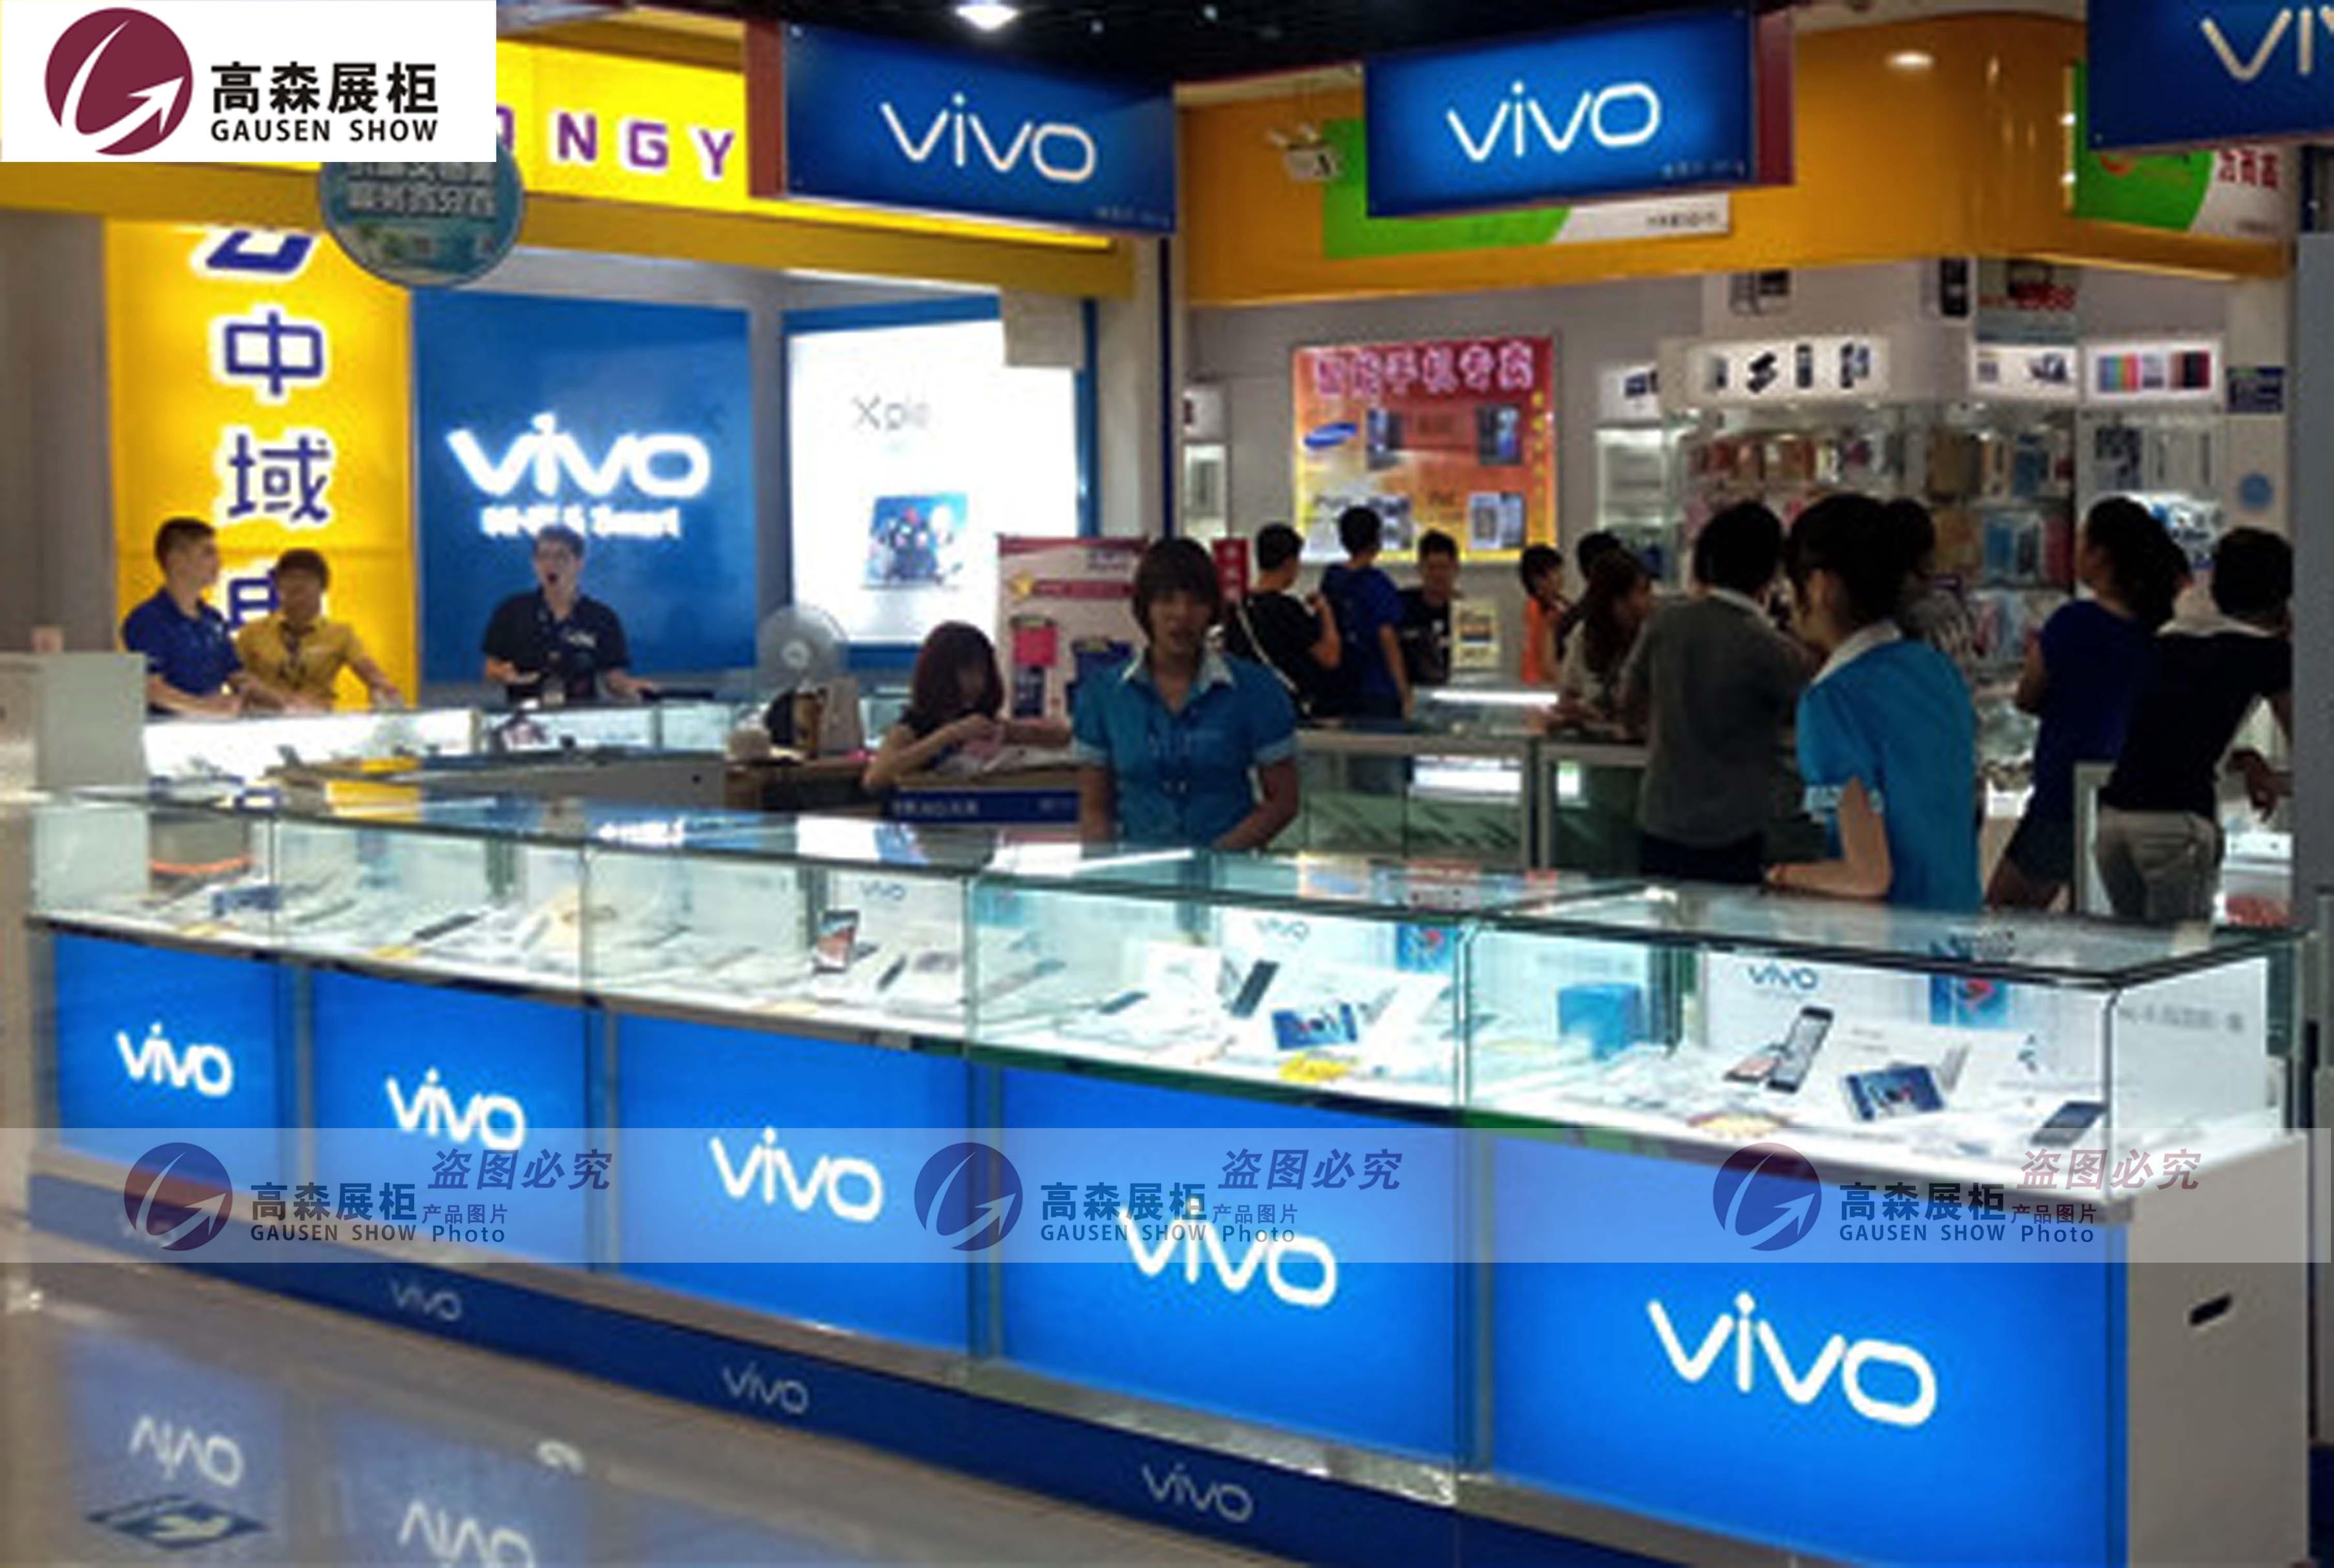 手机柜台 vivo手机柜台 三星展柜 苹果展柜 步步高手机柜台